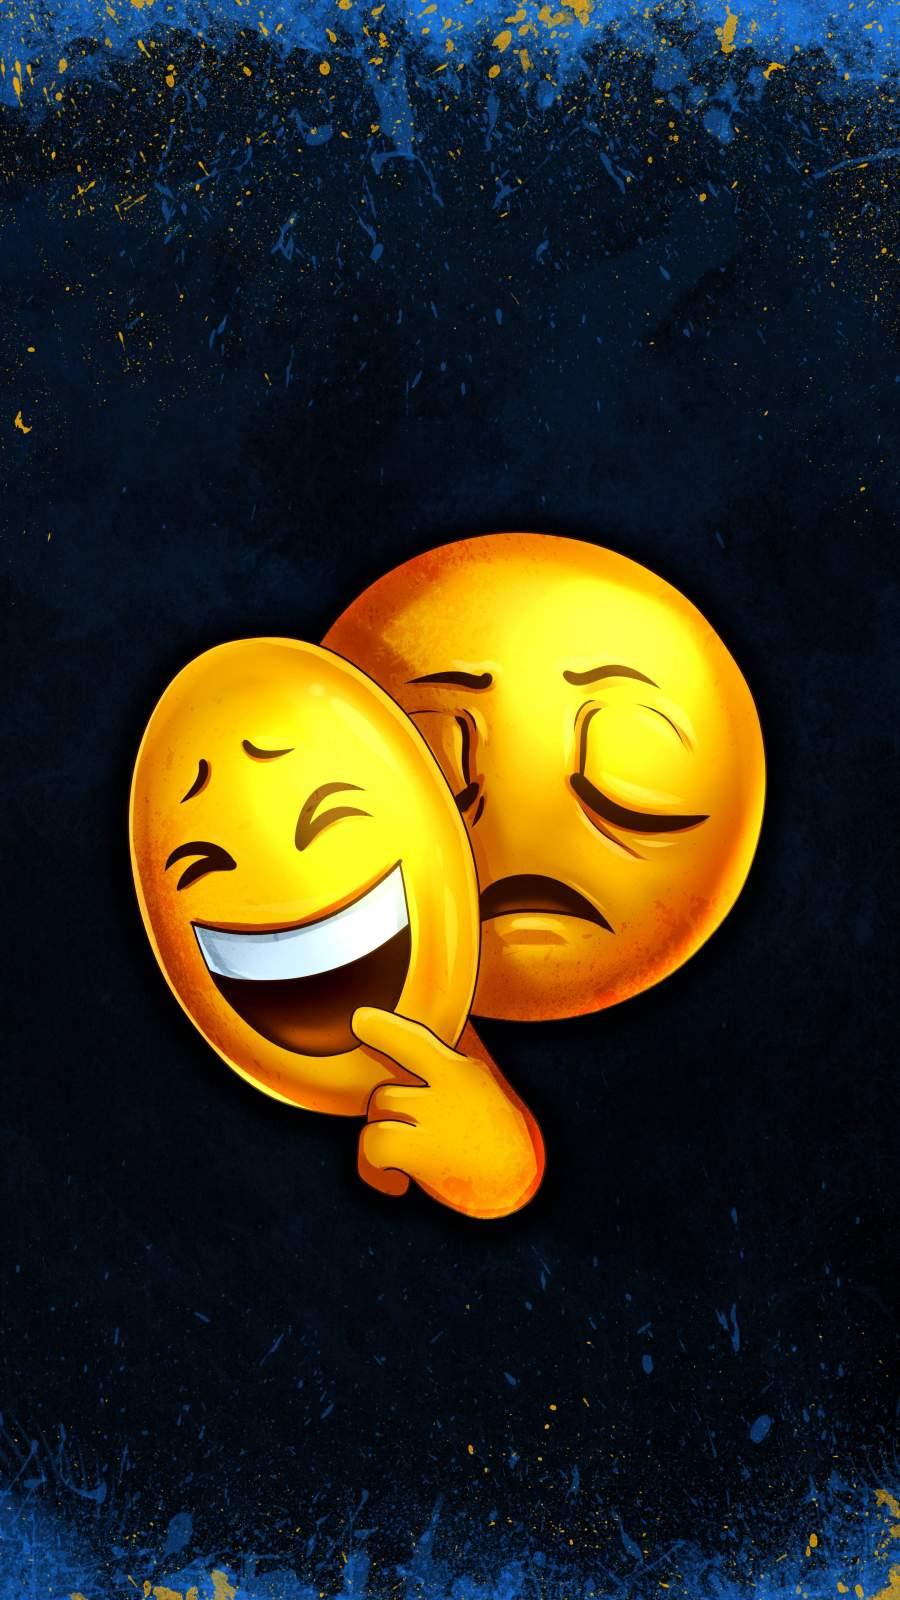 Smiley Emoticon iPhone Wallpaper